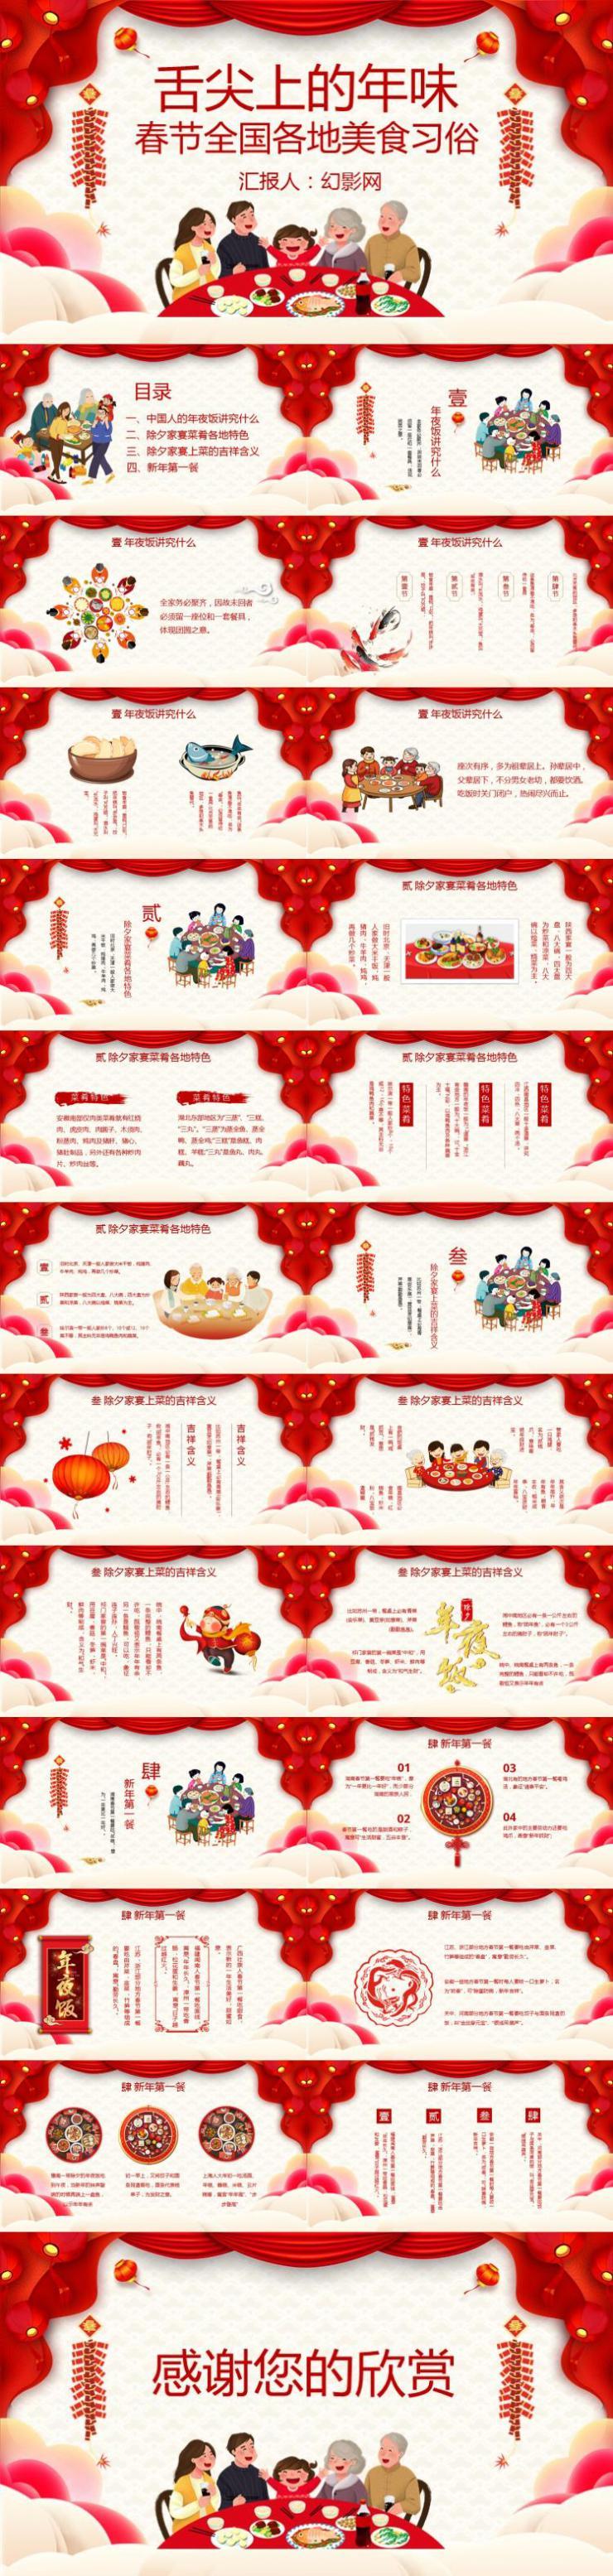 2019年春节各地习俗PPT模板下载